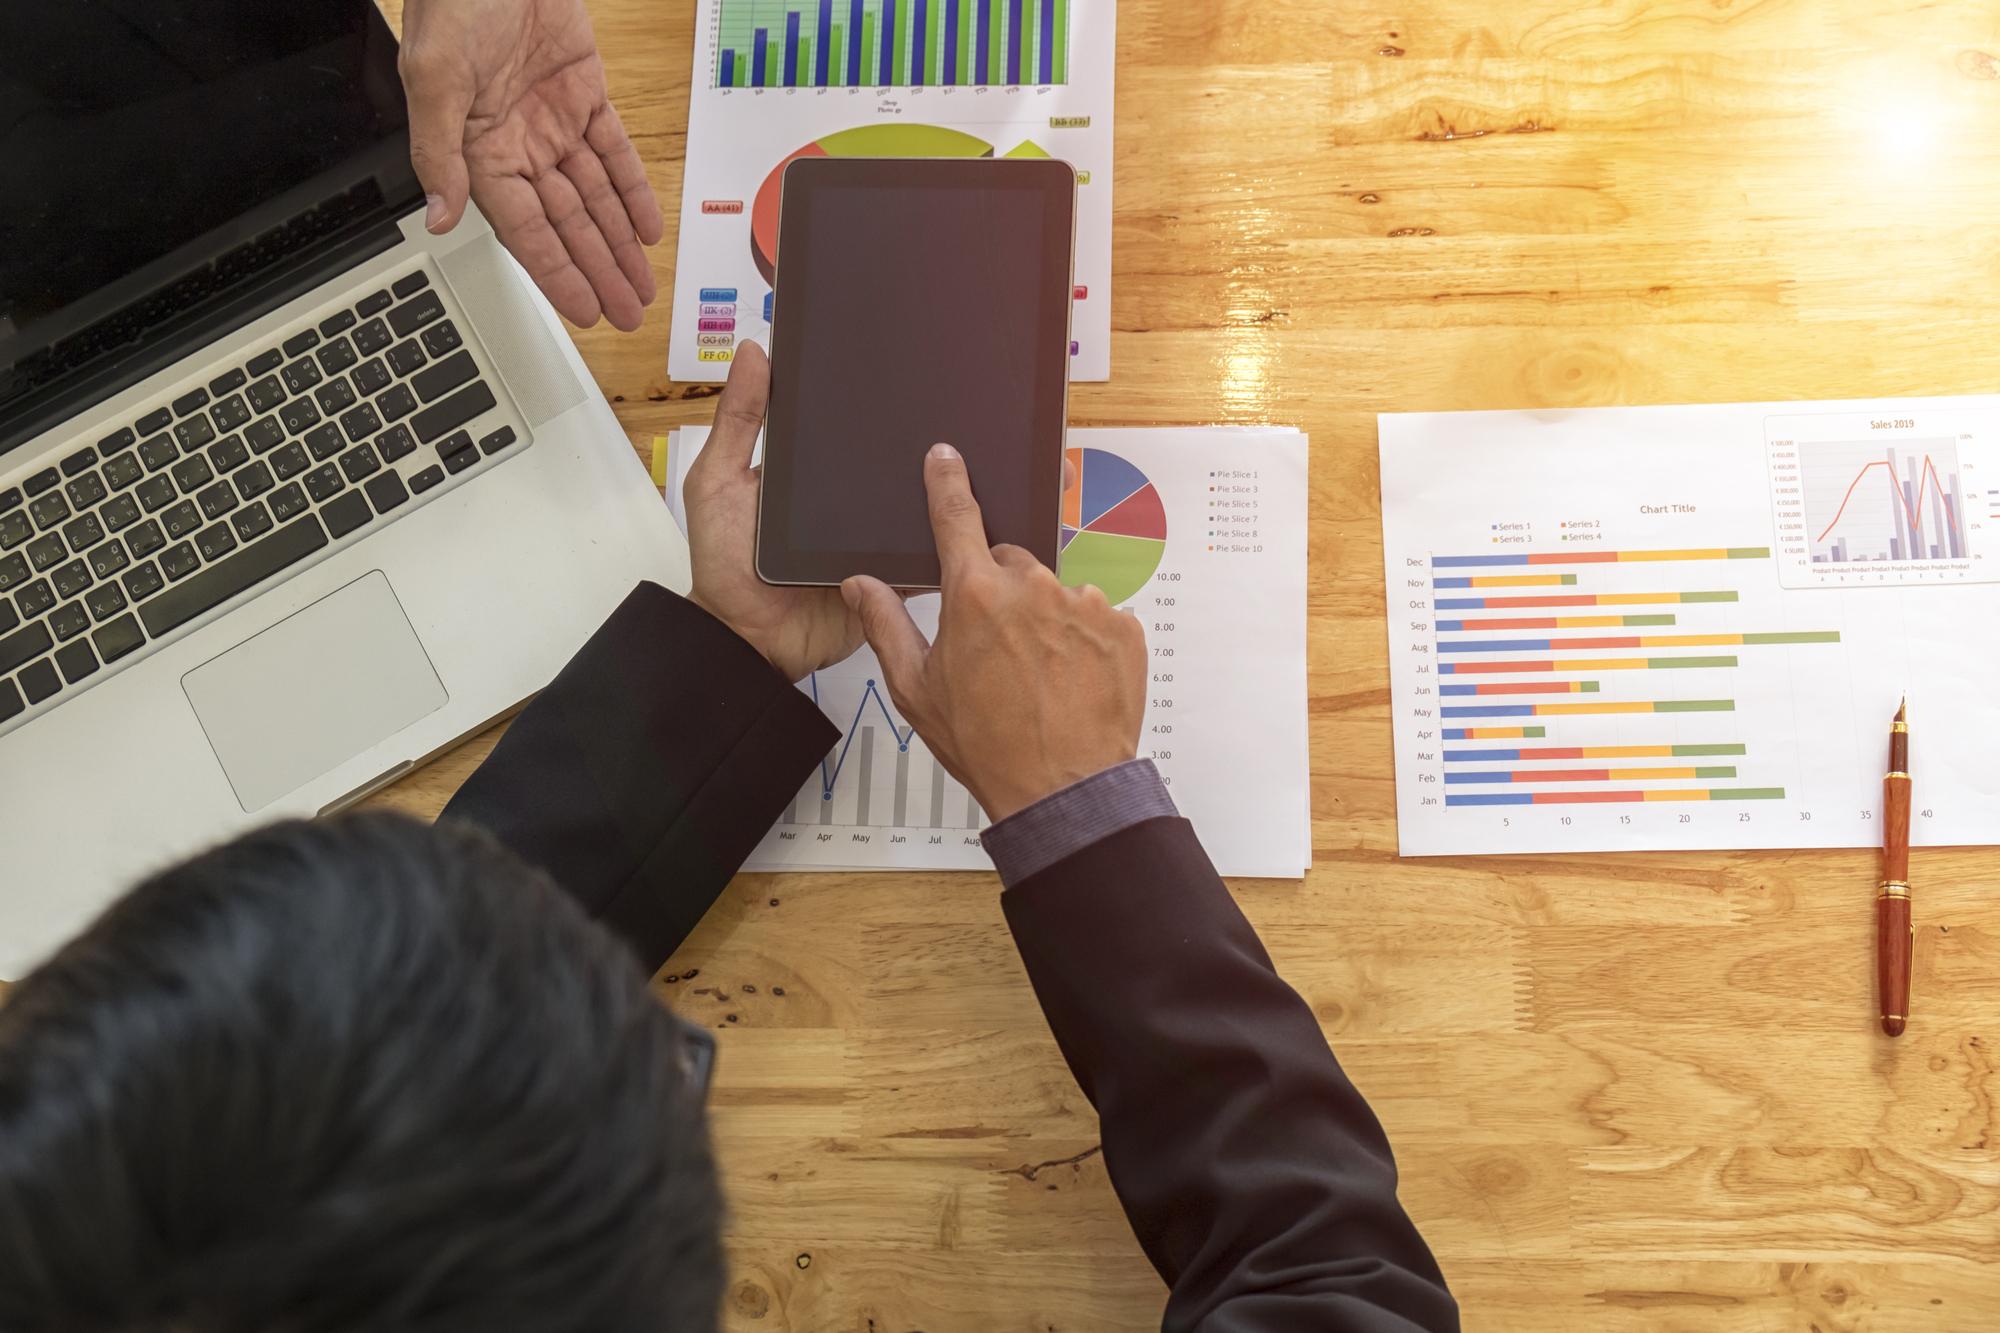 Fidelizar seus clientes: Confira 6 dicas essenciais